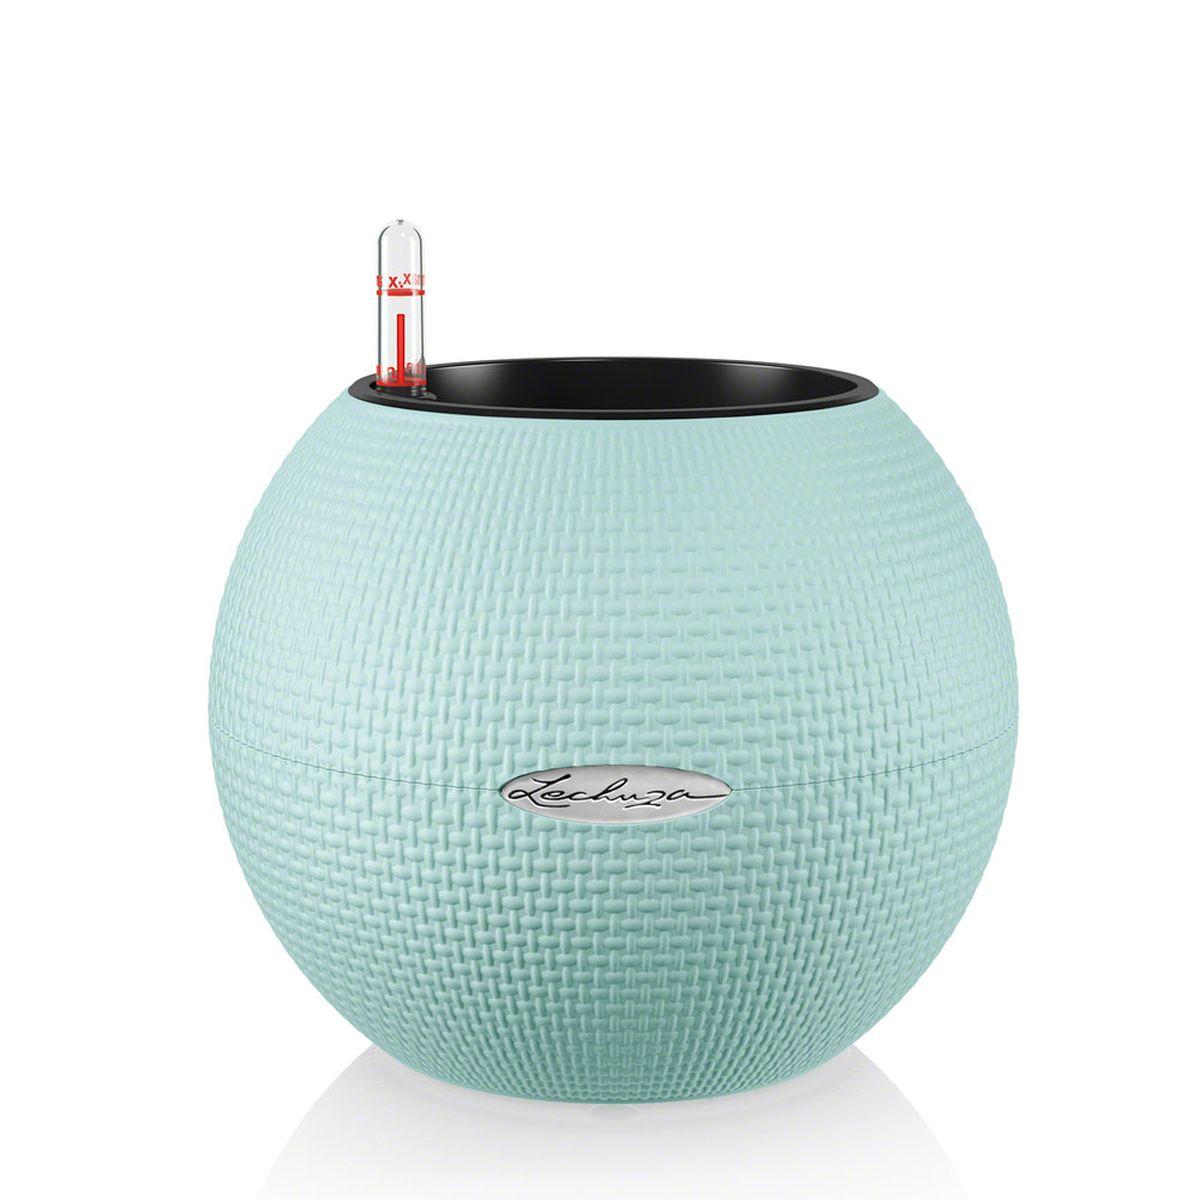 Кашпо Lechuza Color Puro, с системой автополива, цвет: голубой, диаметр 20 см13361Круглое кашпо Lechuza Color Puro, выполненное из высококачественного пластика, имеет уникальную систему автополива, благодаря которой корневая система растения непрерывно снабжается влагой из резервуара. Уровень воды в резервуаре контролируется с помощью специального индикатора. В зависимости от размера кашпо и растения воды хватает на 2-12 недель. Это способствует хорошему росту цветов и предотвращает переувлажнение.В набор входит: кашпо, внутренний горшок, индикатор уровня воды, резервуар для воды. Внутренний горшок, оснащенный выдвижными ручками, обеспечивает:- легкую переноску даже высоких растений;- легкую смену растений;- можно также просто убрать растения на зиму;- винт в днище позволяет стечь излишней дождевой воде наружу.Кашпо Lechuza Color Puro прекрасно впишется в интерьер больших холлов, террас ресторанов и уютных гостиных. Изделие поможет расставить нужные акценты и придаст помещению вид, соответствующий вашим представлениям.